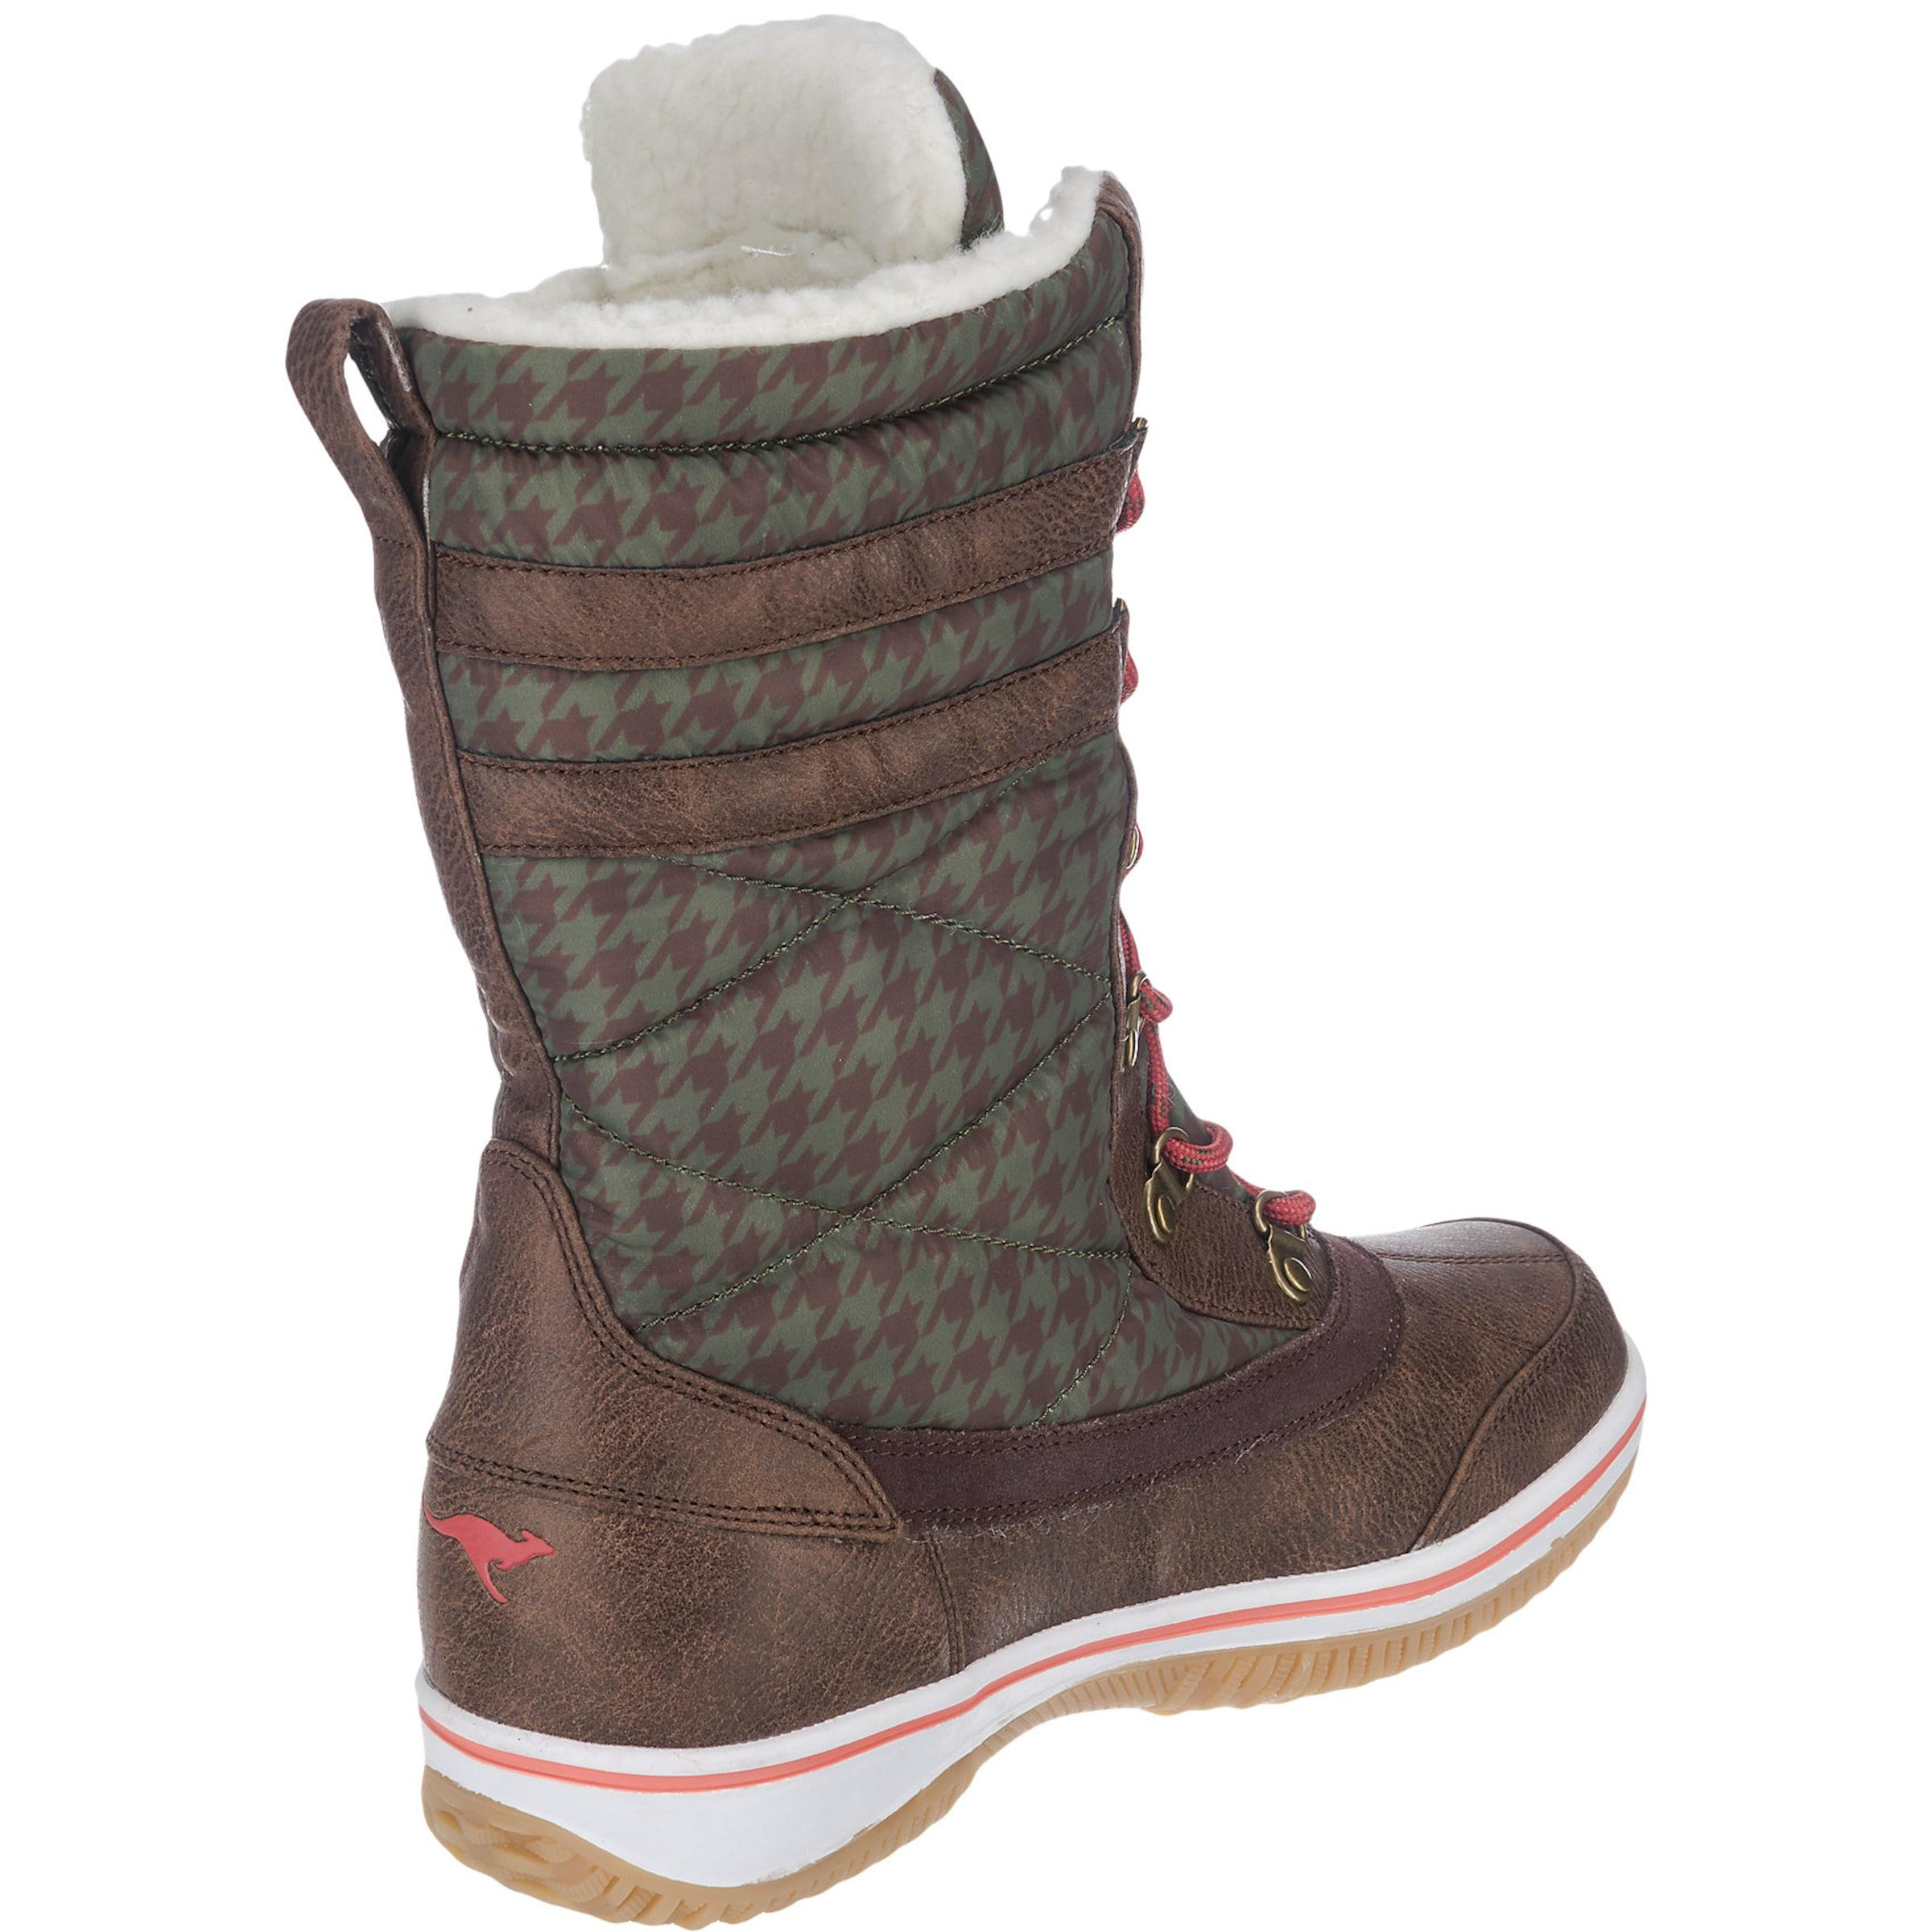 Billige Sneakernews KangaROOS Stiefel 'Rivaska' Steckdose Vorbestellung Rabatt Aus Deutschland Günstigste Preis Verkauf Online pTBzWMxl